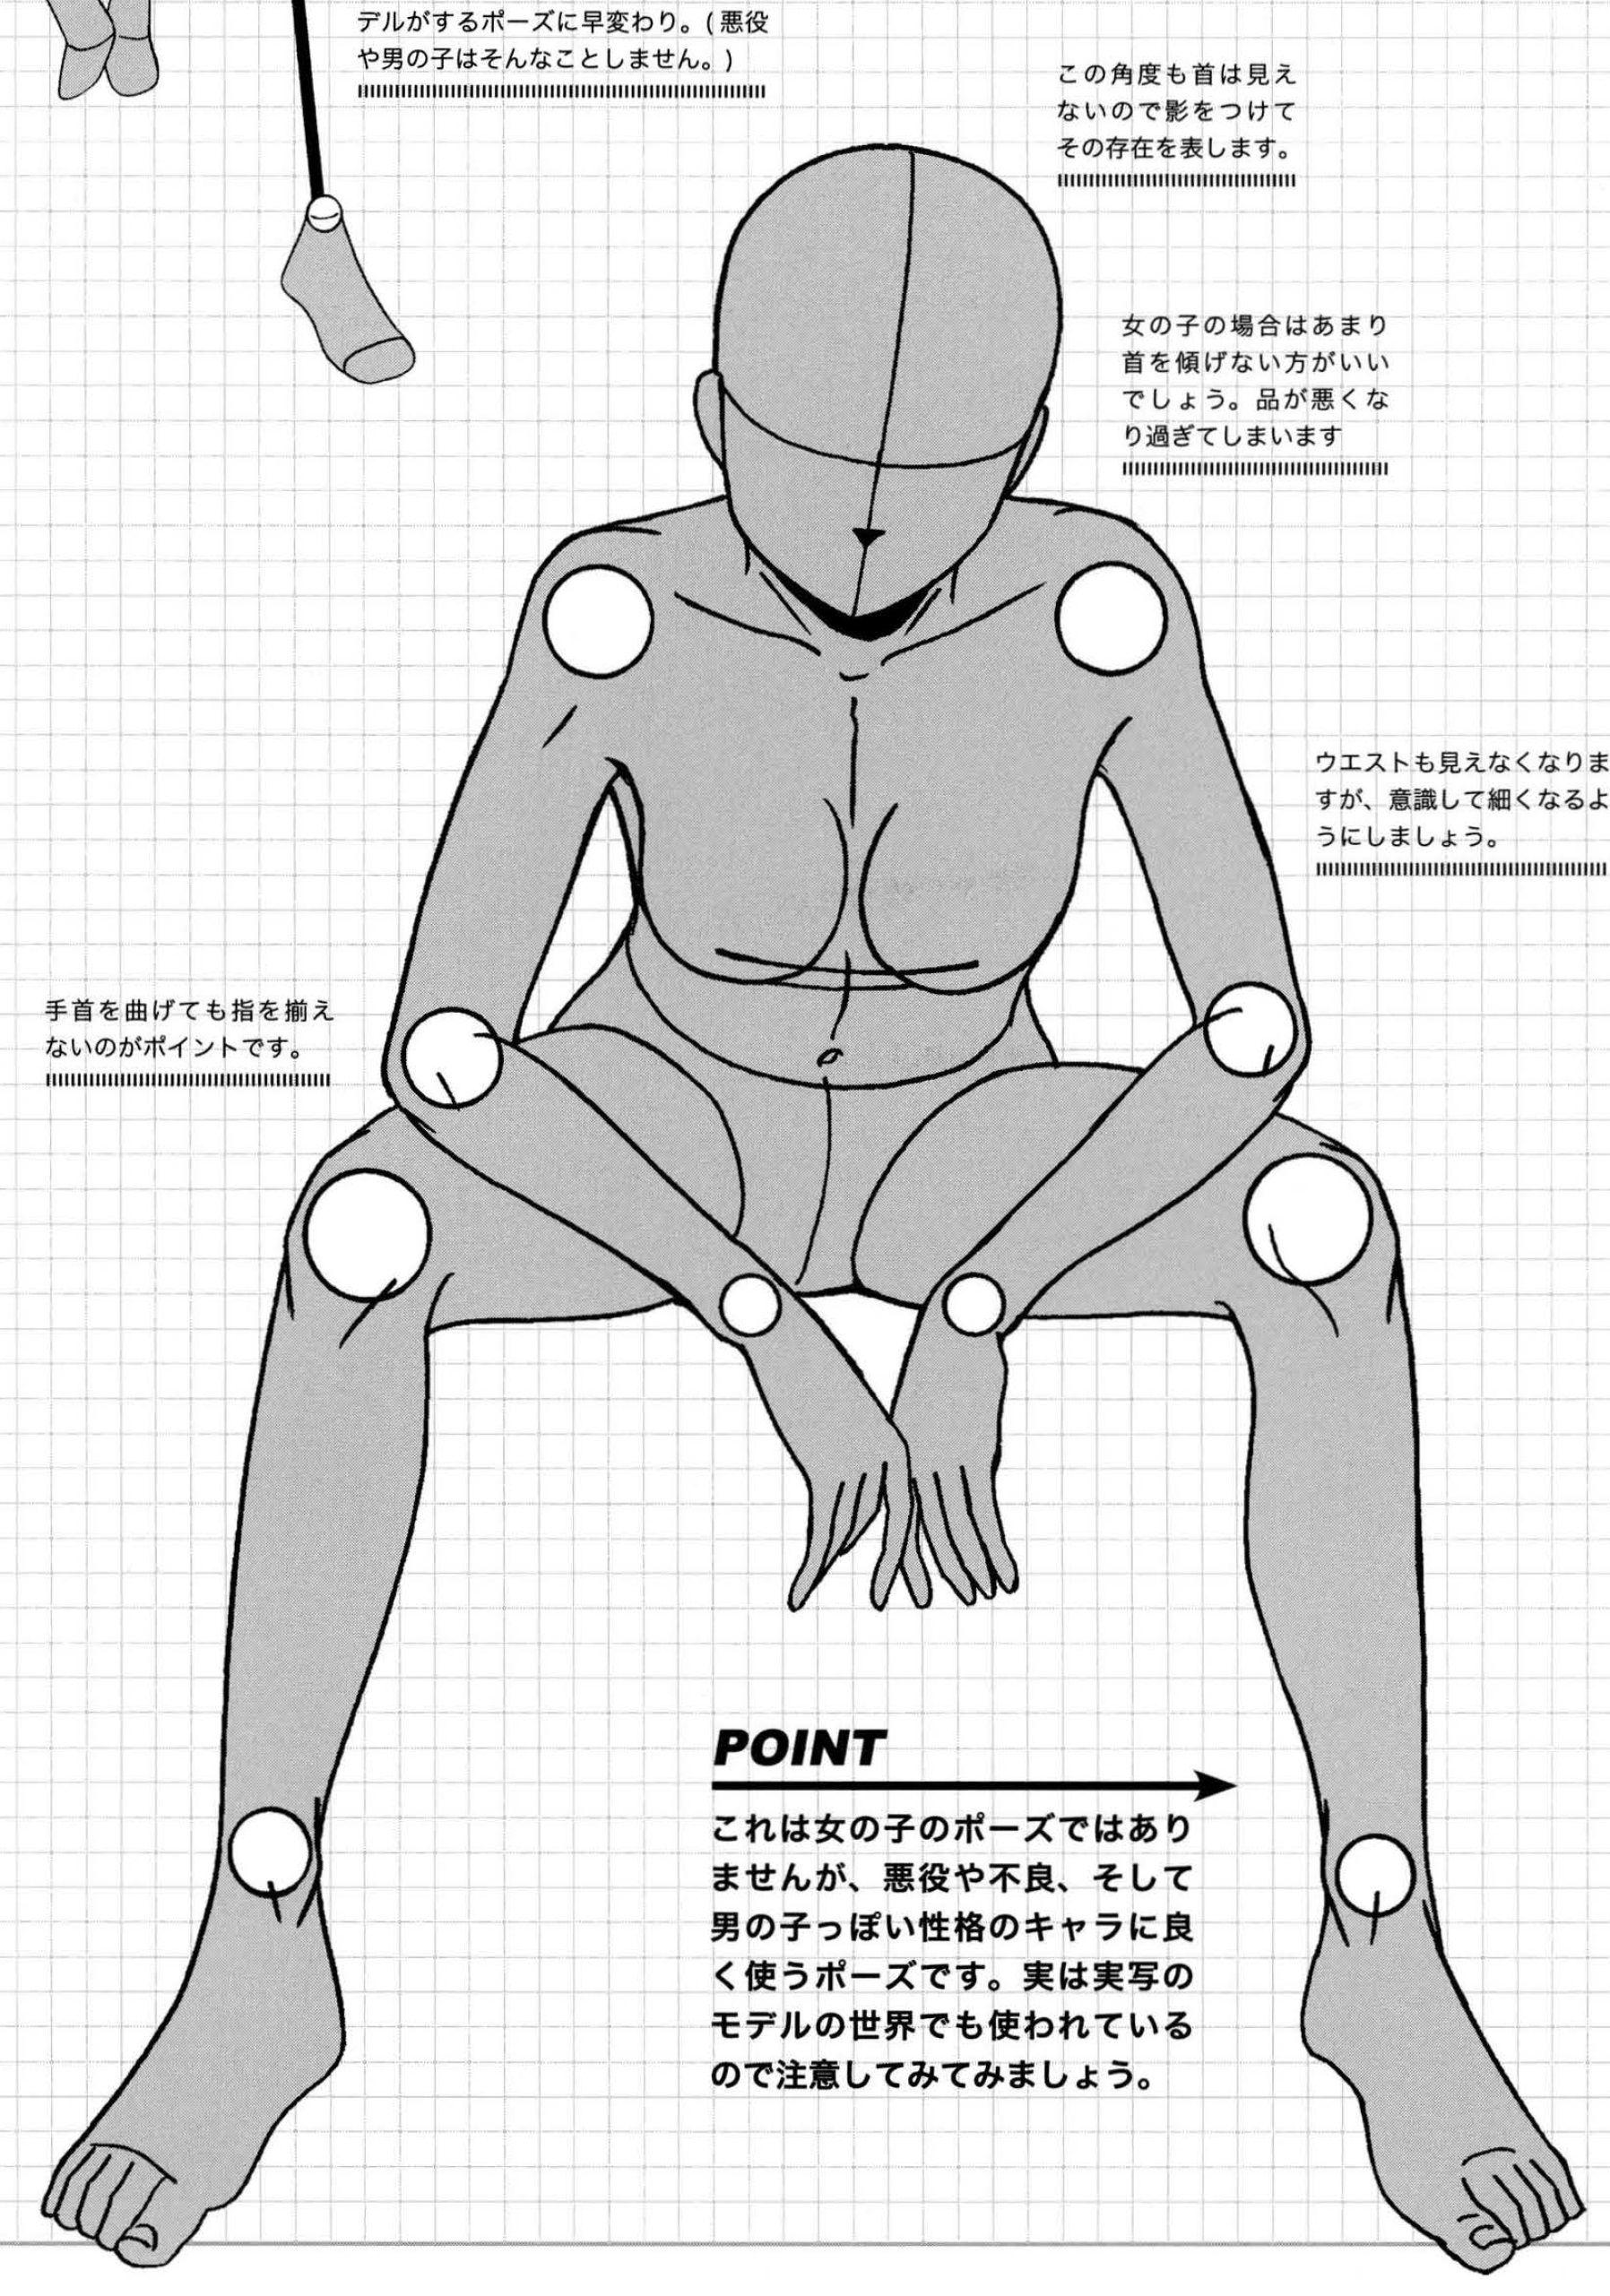 Base model 30 by fvsj deviantart com on deviantart sitting pose reference